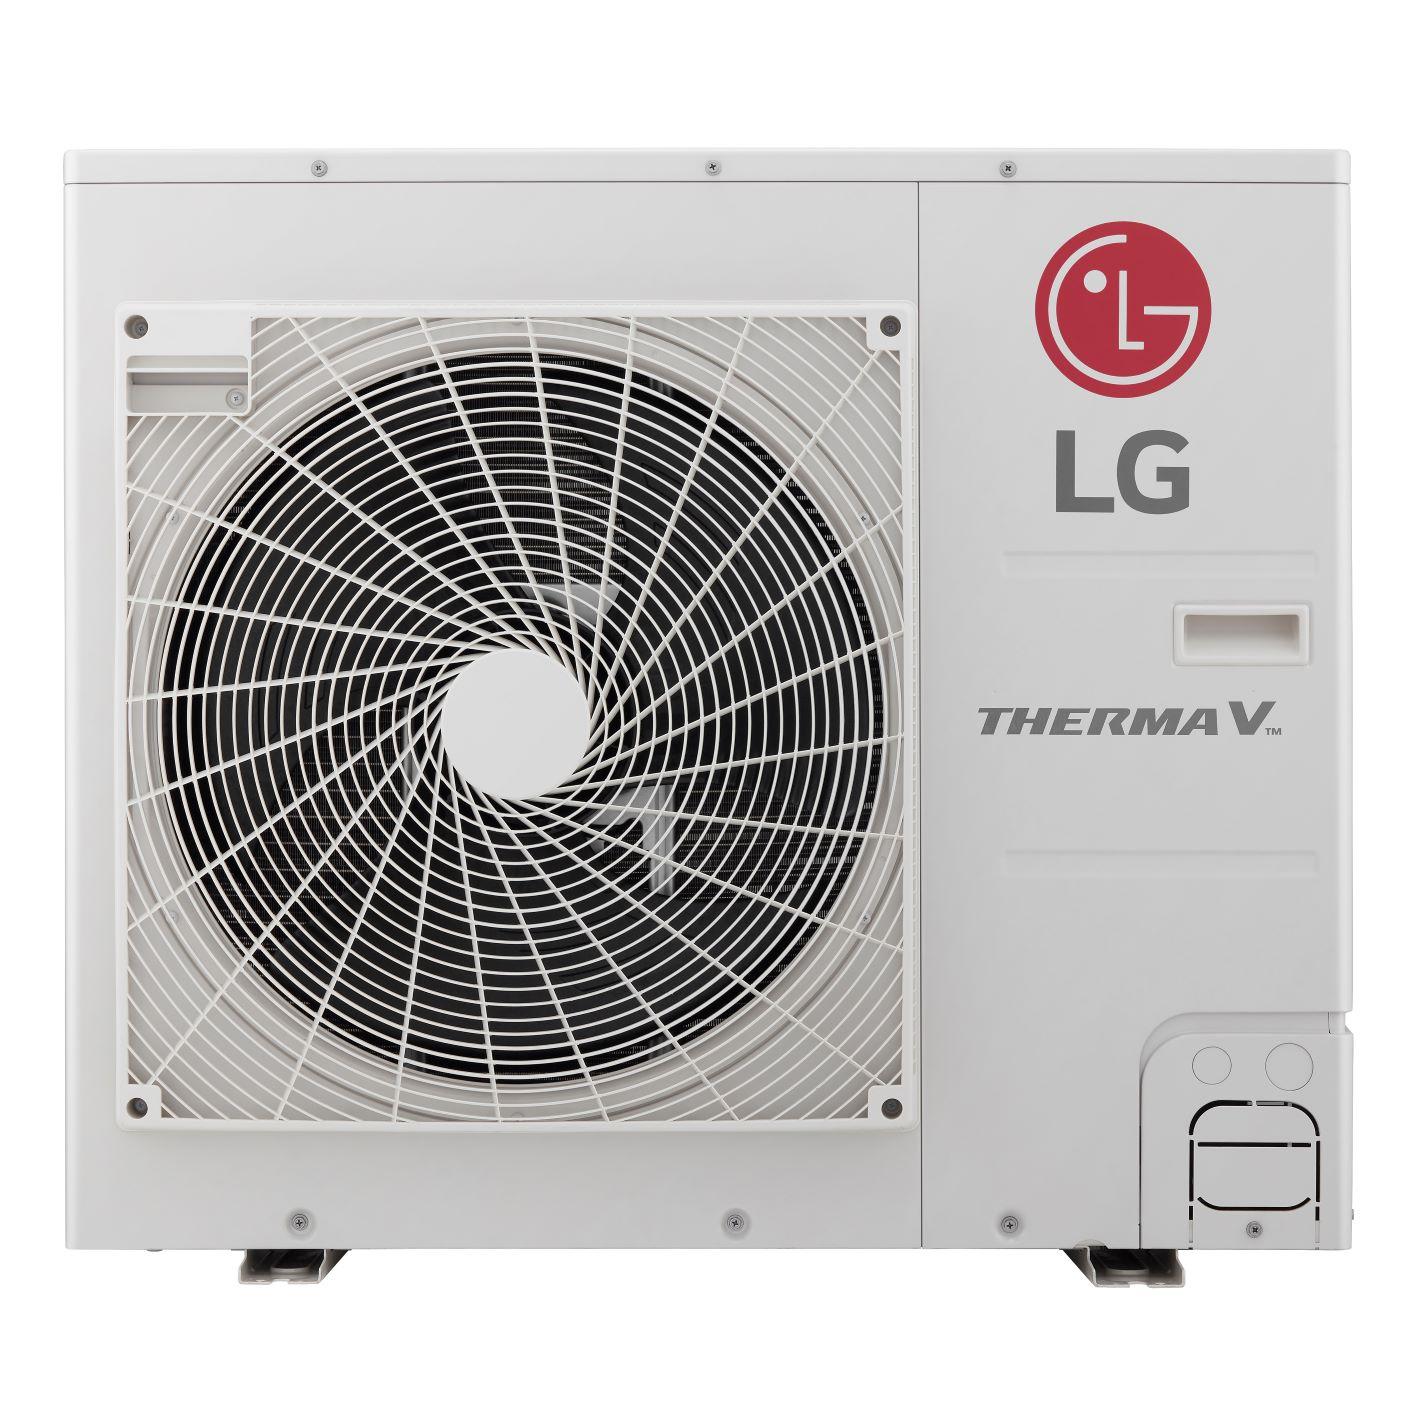 Η LG λανσάρει το νέο Therma V IWT, μια ολοκληρωμένη και αναβαθμισμένη λύση θέρμανσης και παραγωγής ζεστού νερού για κατοικίες